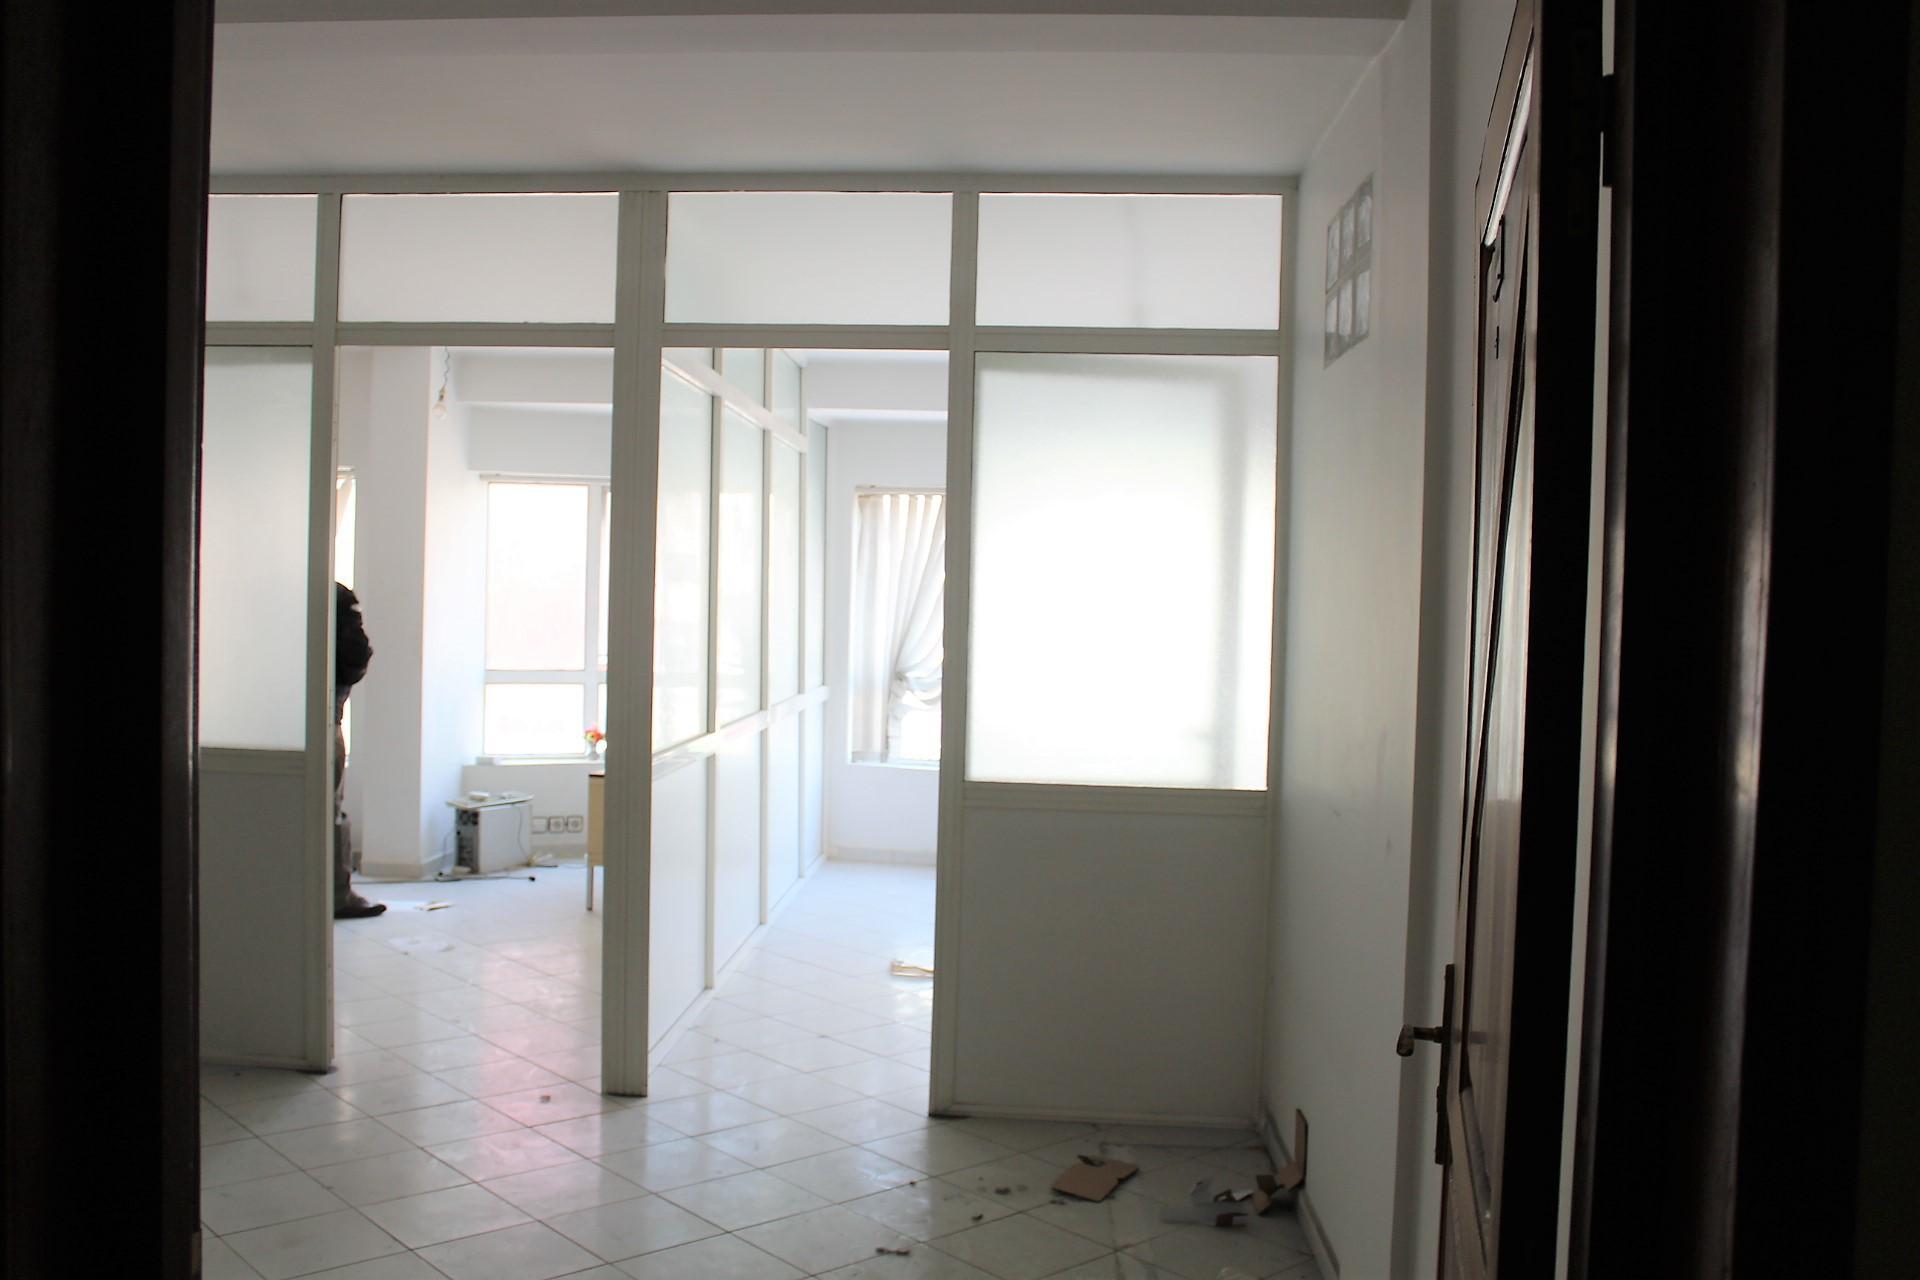 Casablanca achetez votre bureau au lieu de le louer ! u2013 nourreska